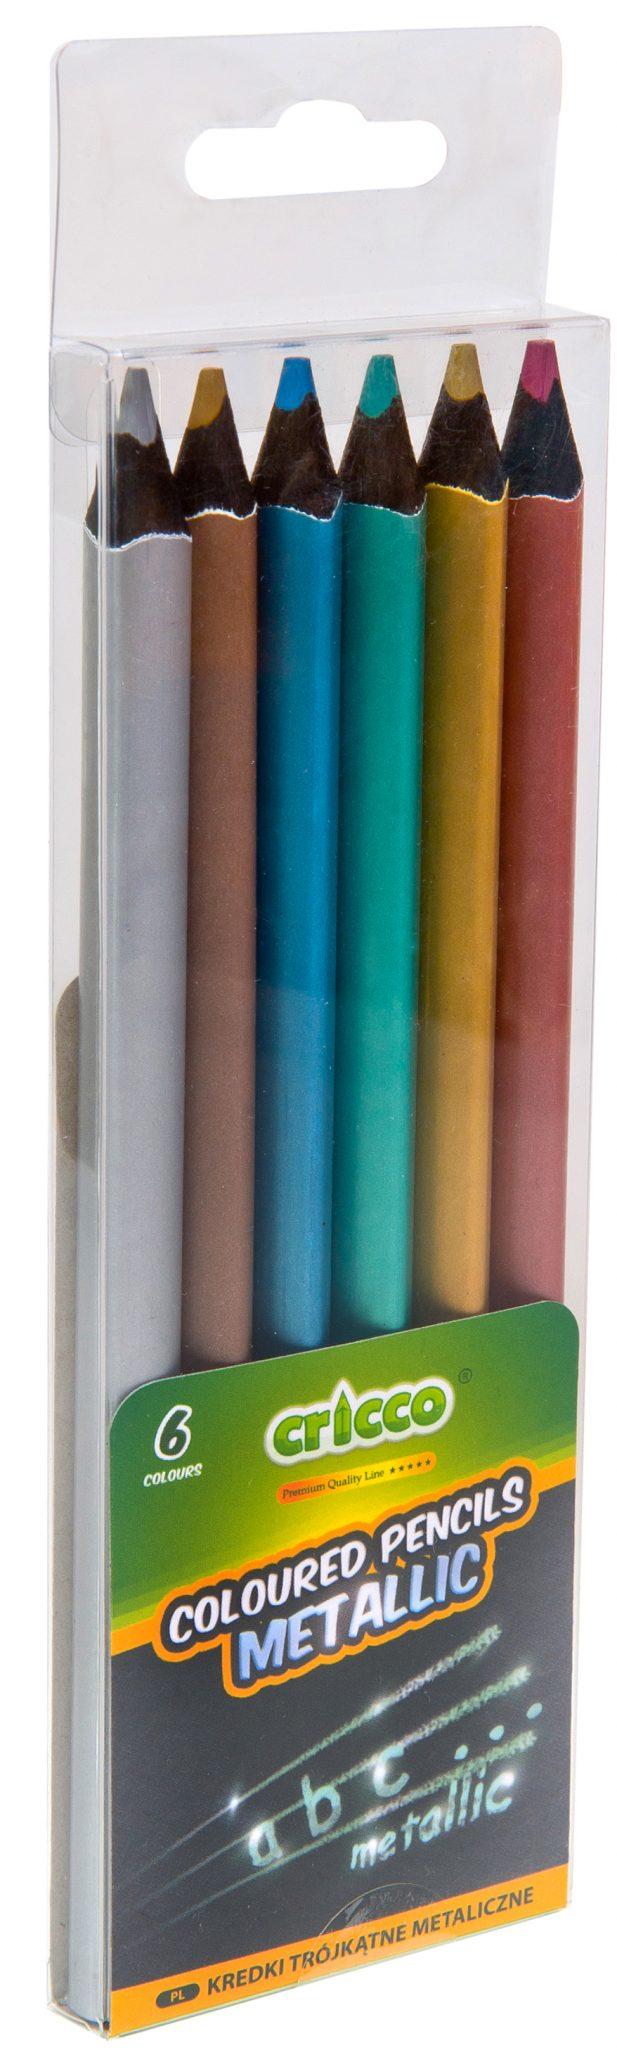 Kredki ołówkowe blackwood Jumbo Cricco metaliczne